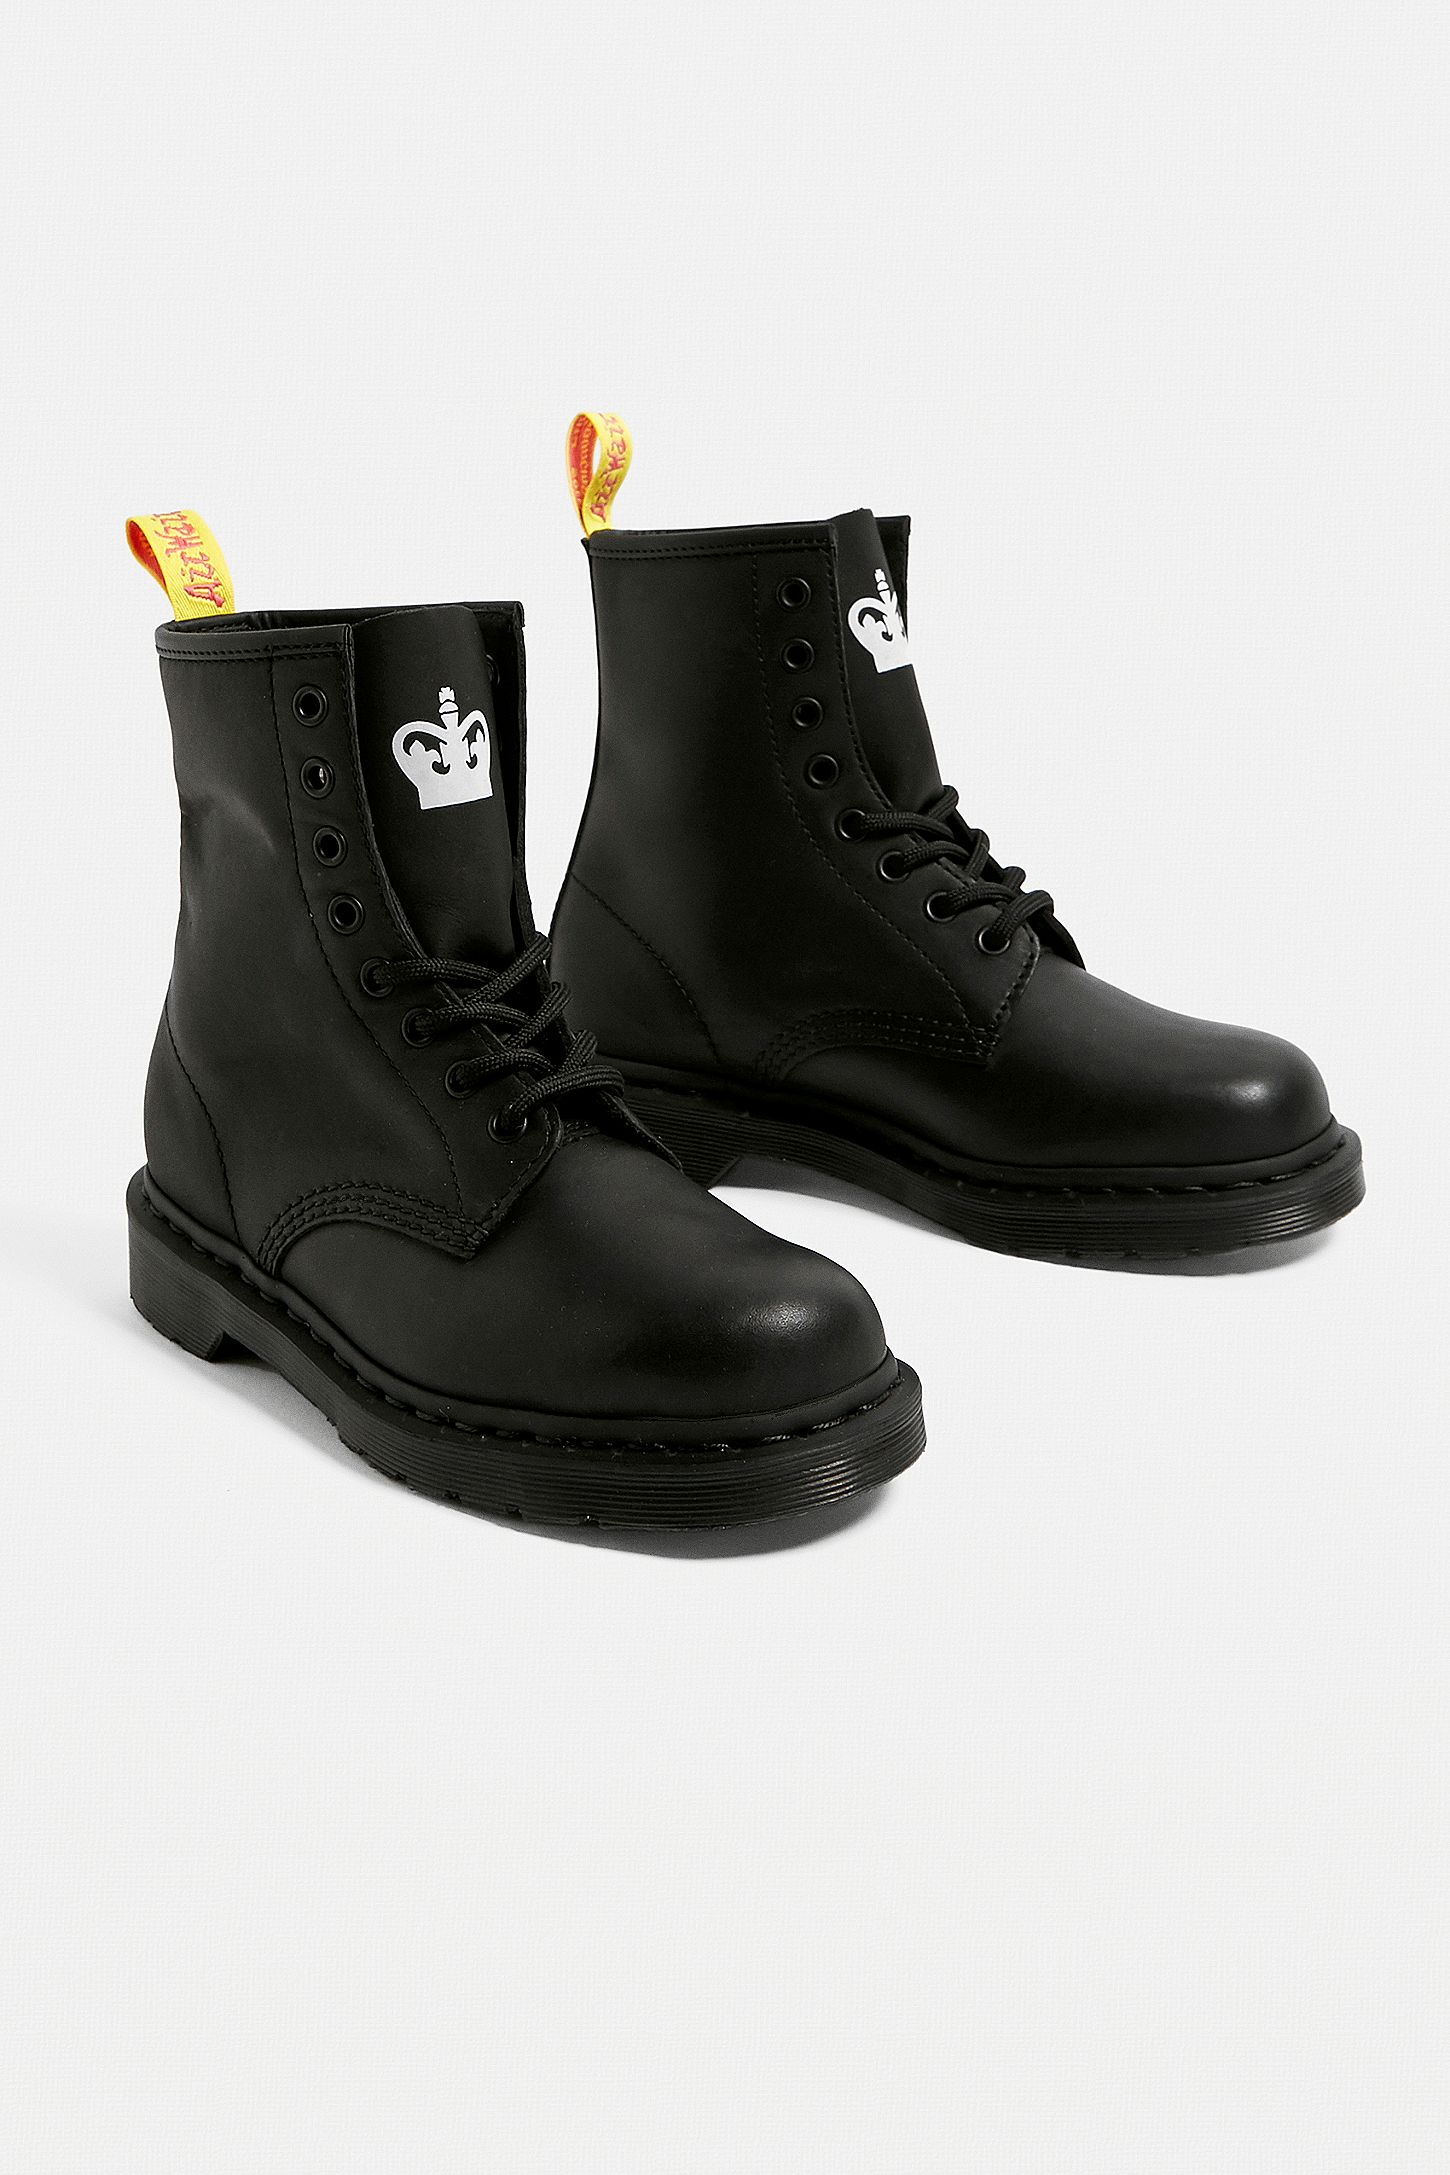 günstig Fabrik beste Auswahl an Dr. Martens x Sex Pistols 1460 8-Eye Black Boots